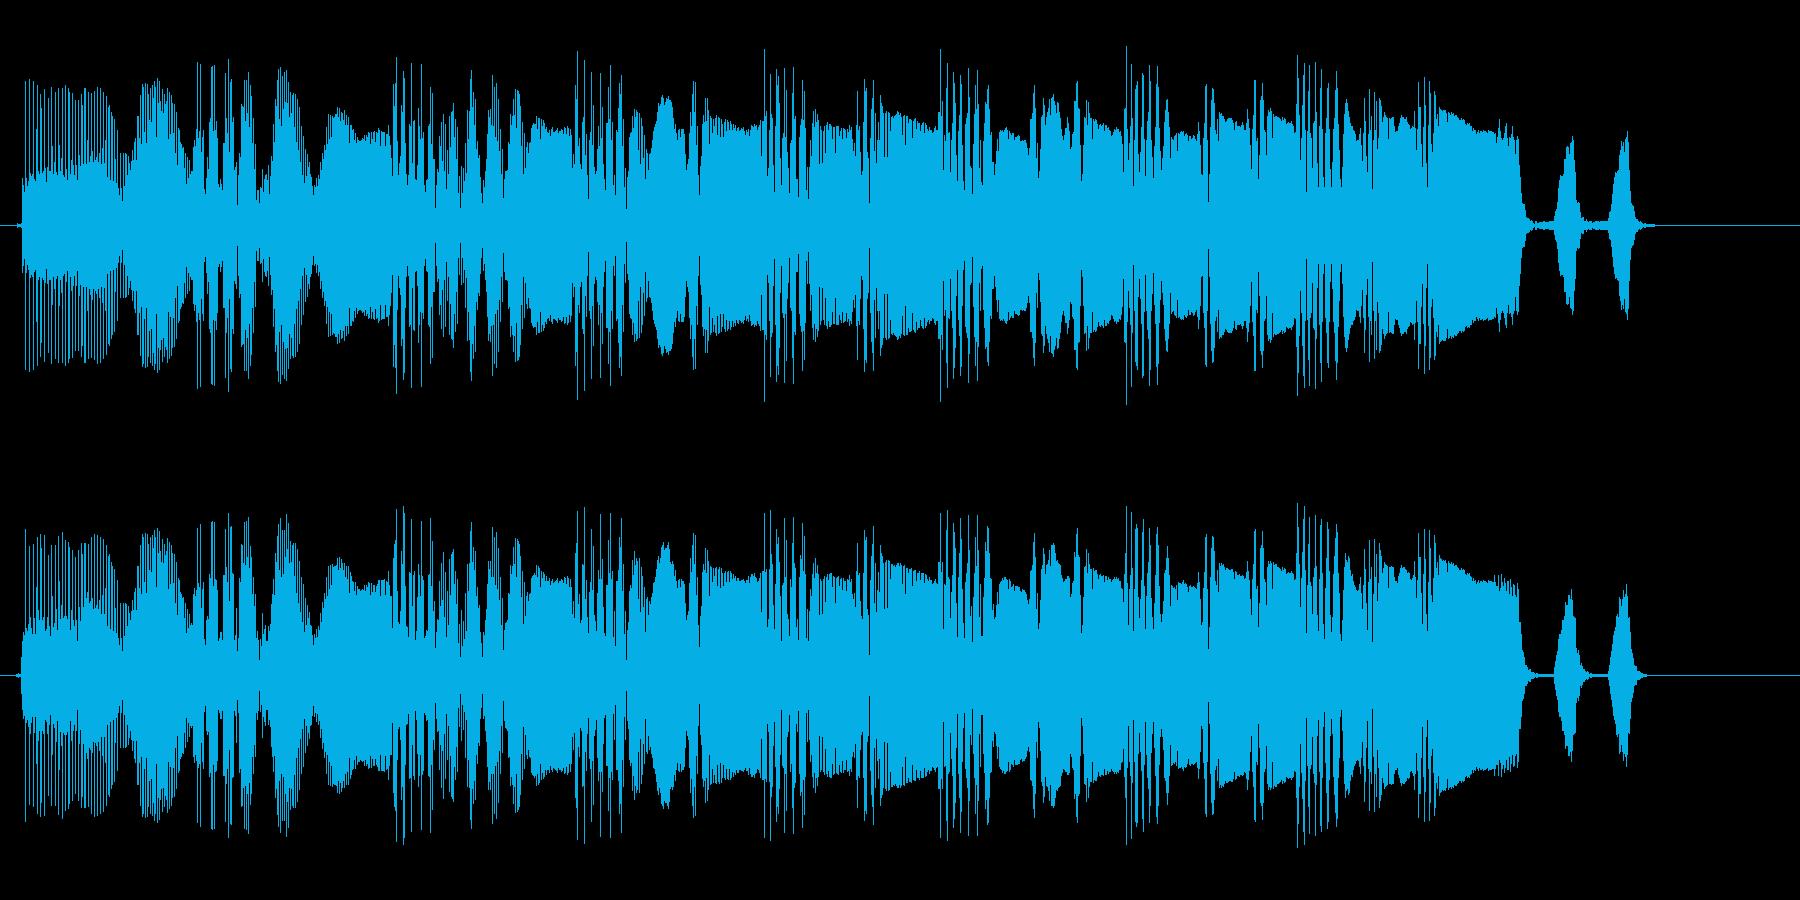 プェプェプェプェ(上がる)の再生済みの波形